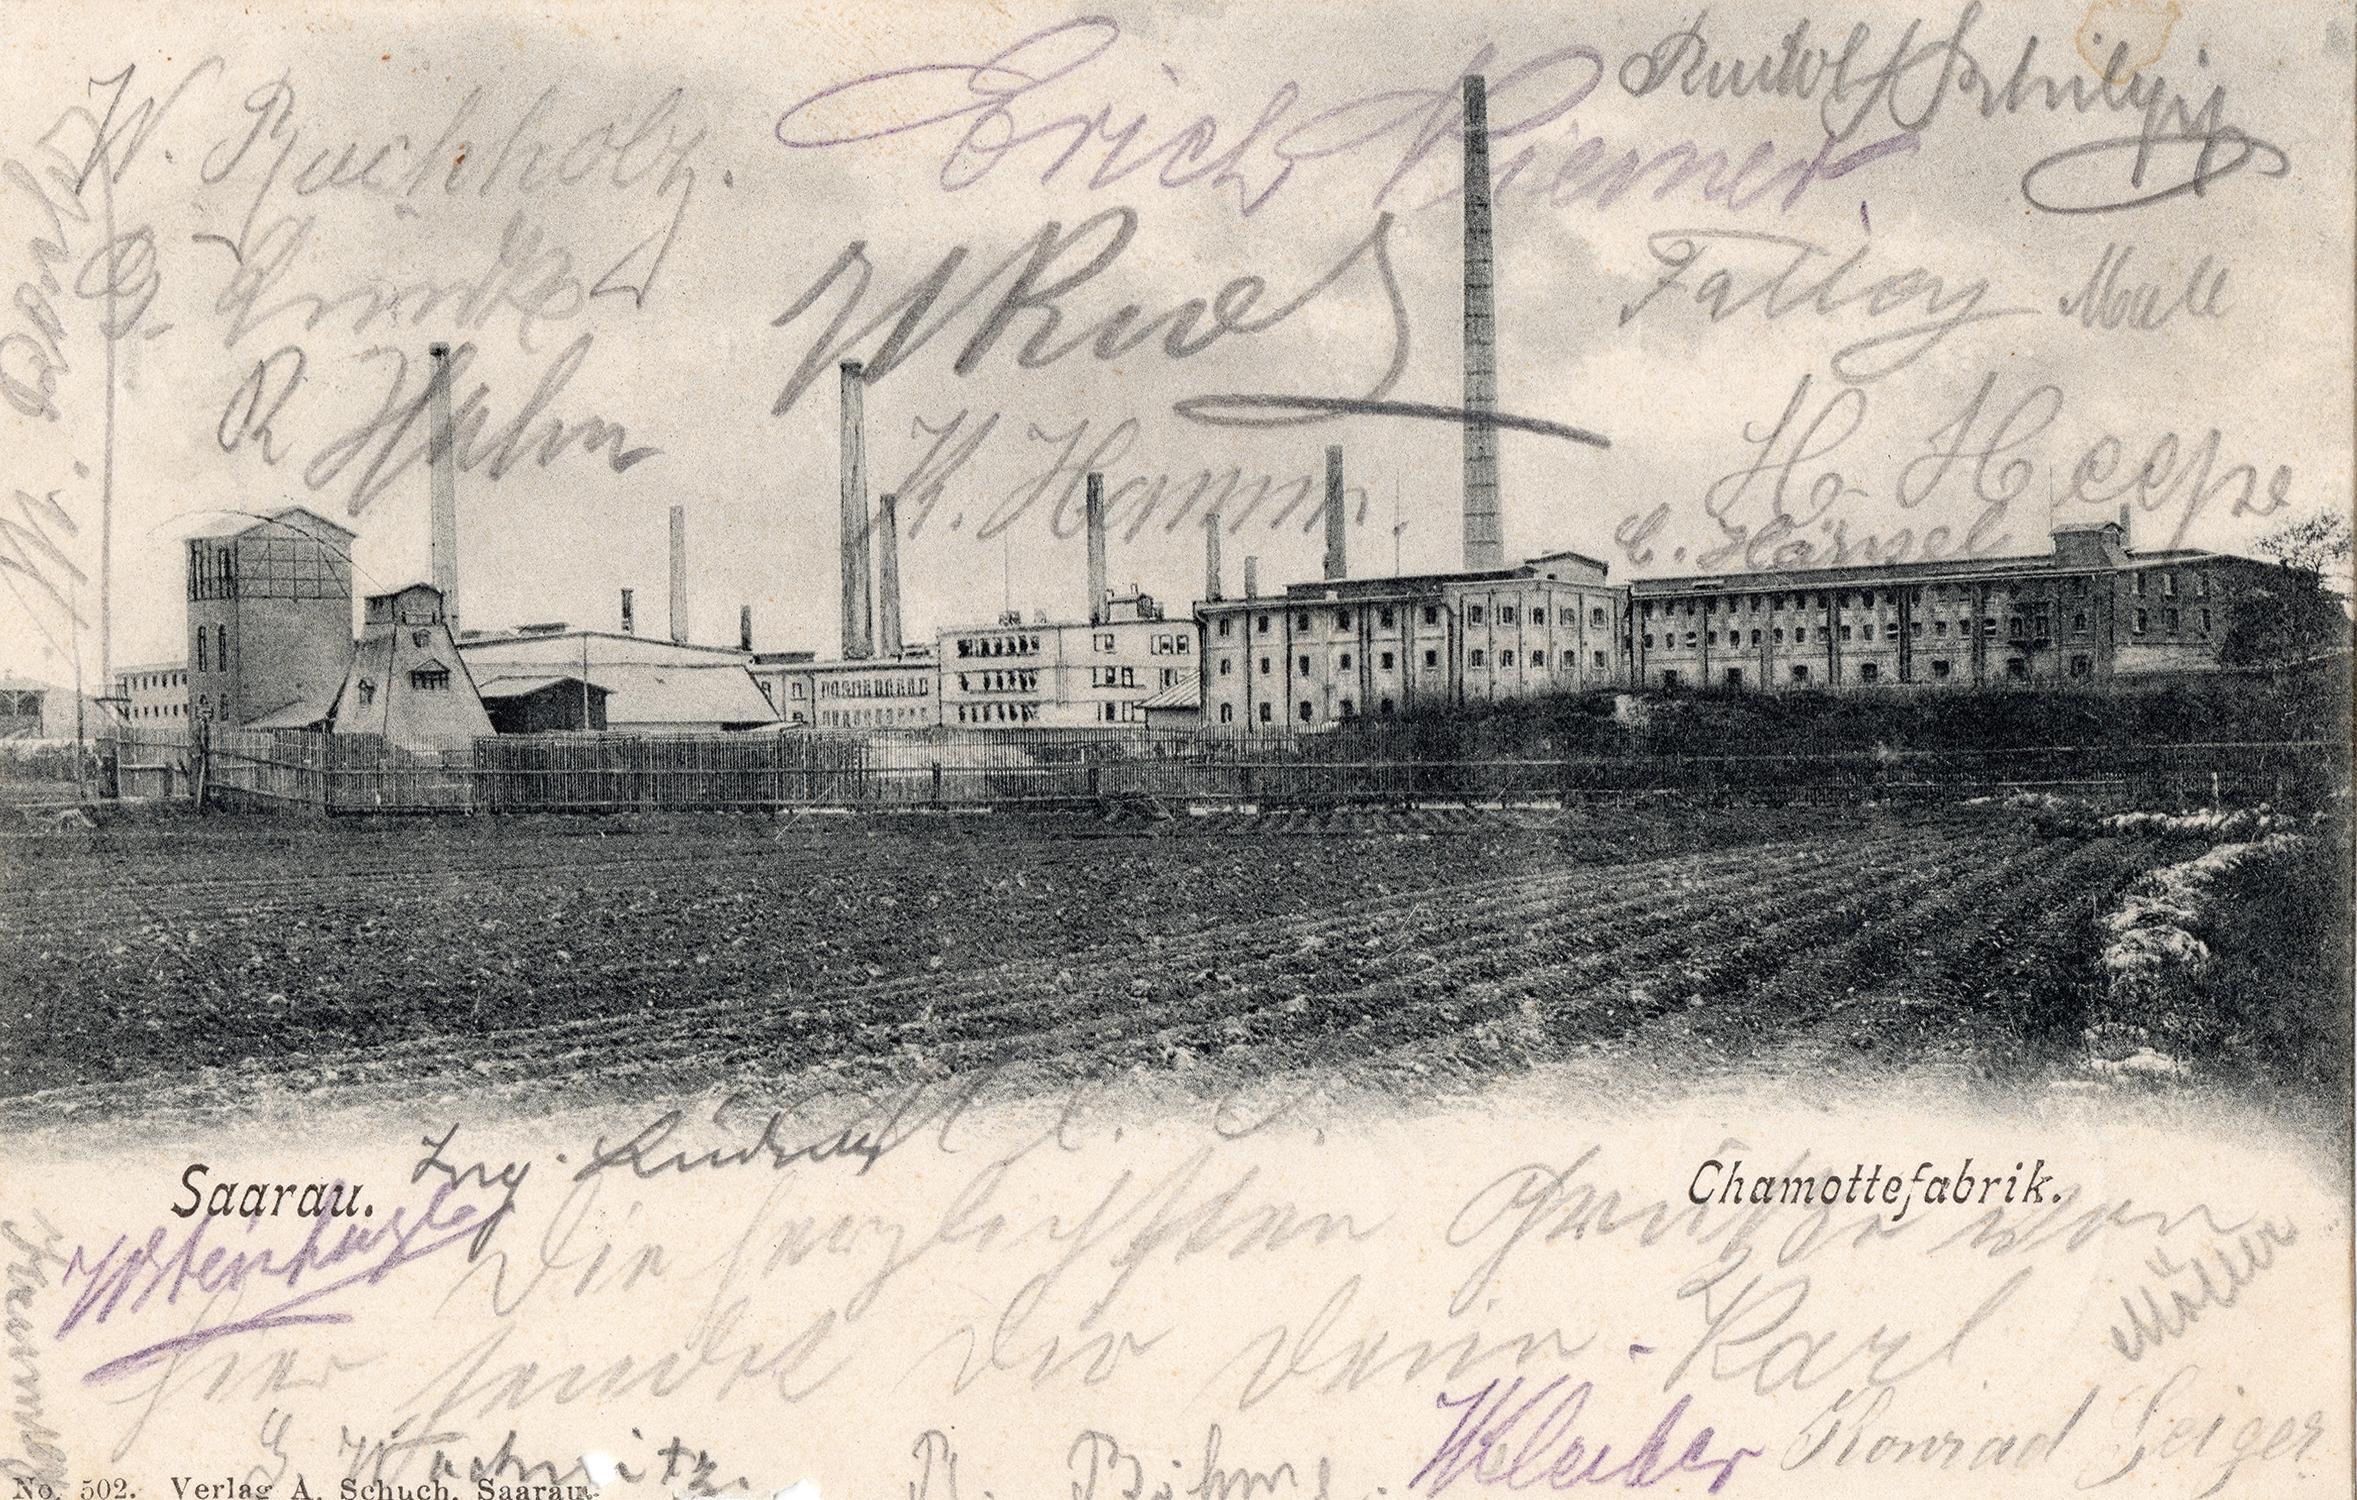 Karta pocztowa Chamottefabrik Panoramen Saarau 1905 (1)